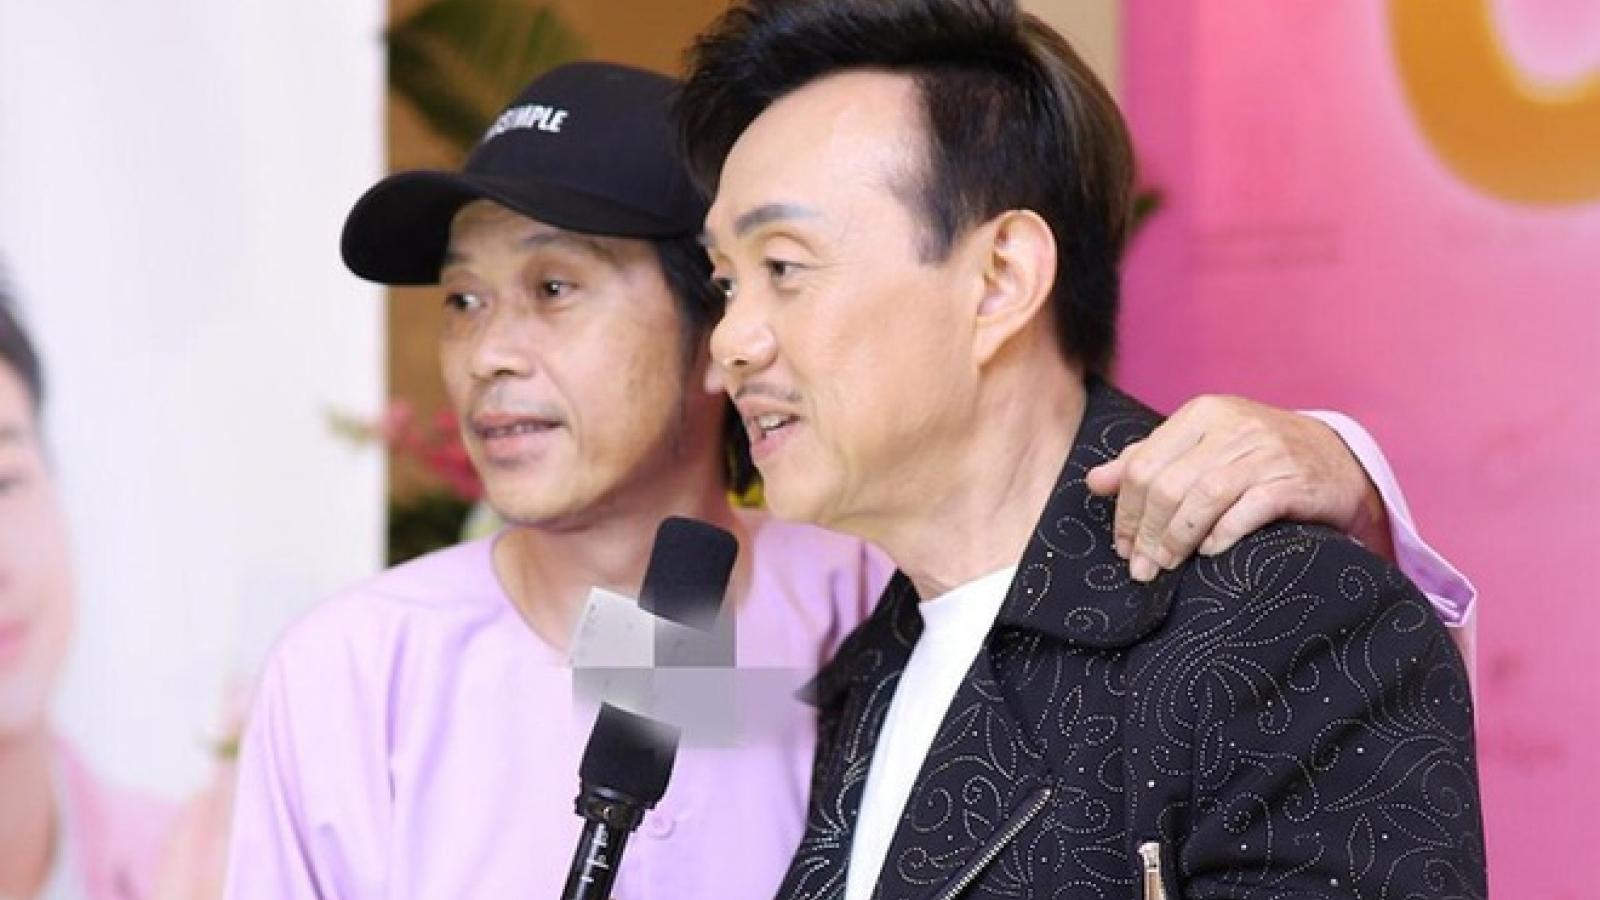 Nghệ sĩ Hoài Linh lần đầu chia sẻ về tang lễ của cố nghệ sĩ Chí Tài